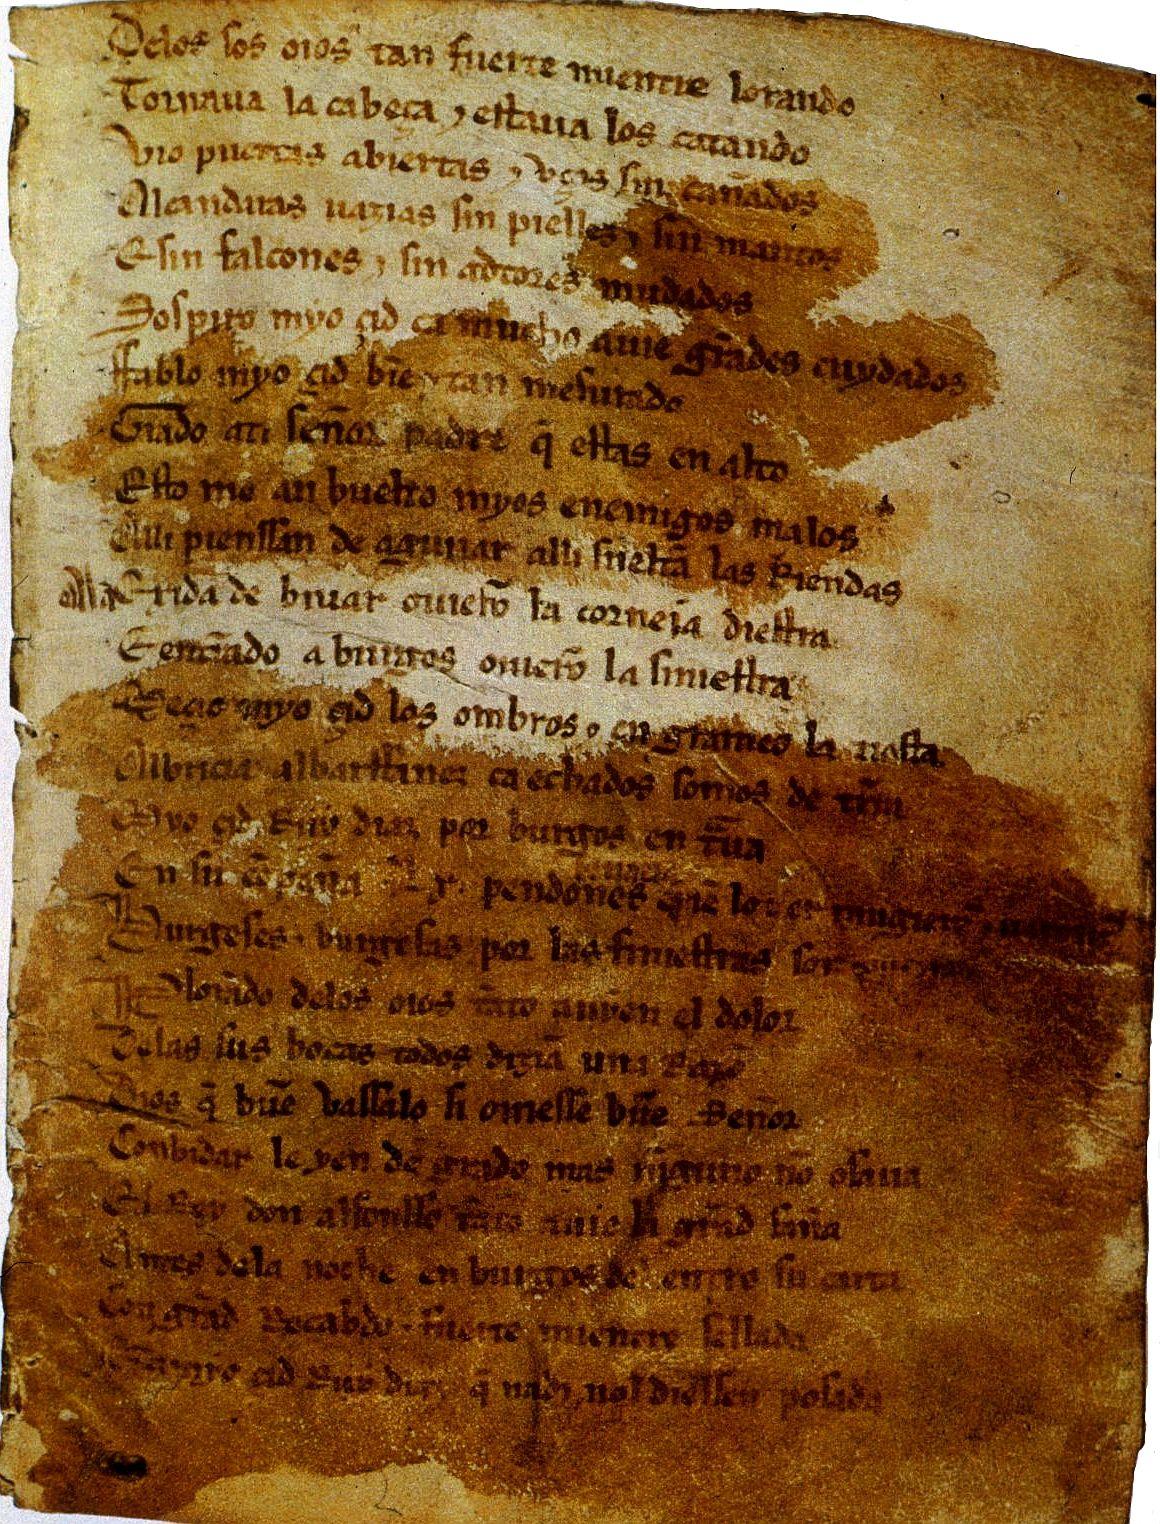 File Cantar De Mio Cid F 1r Rep Jpg Wikimedia Commons El Cid Campeador El Cid Literatura